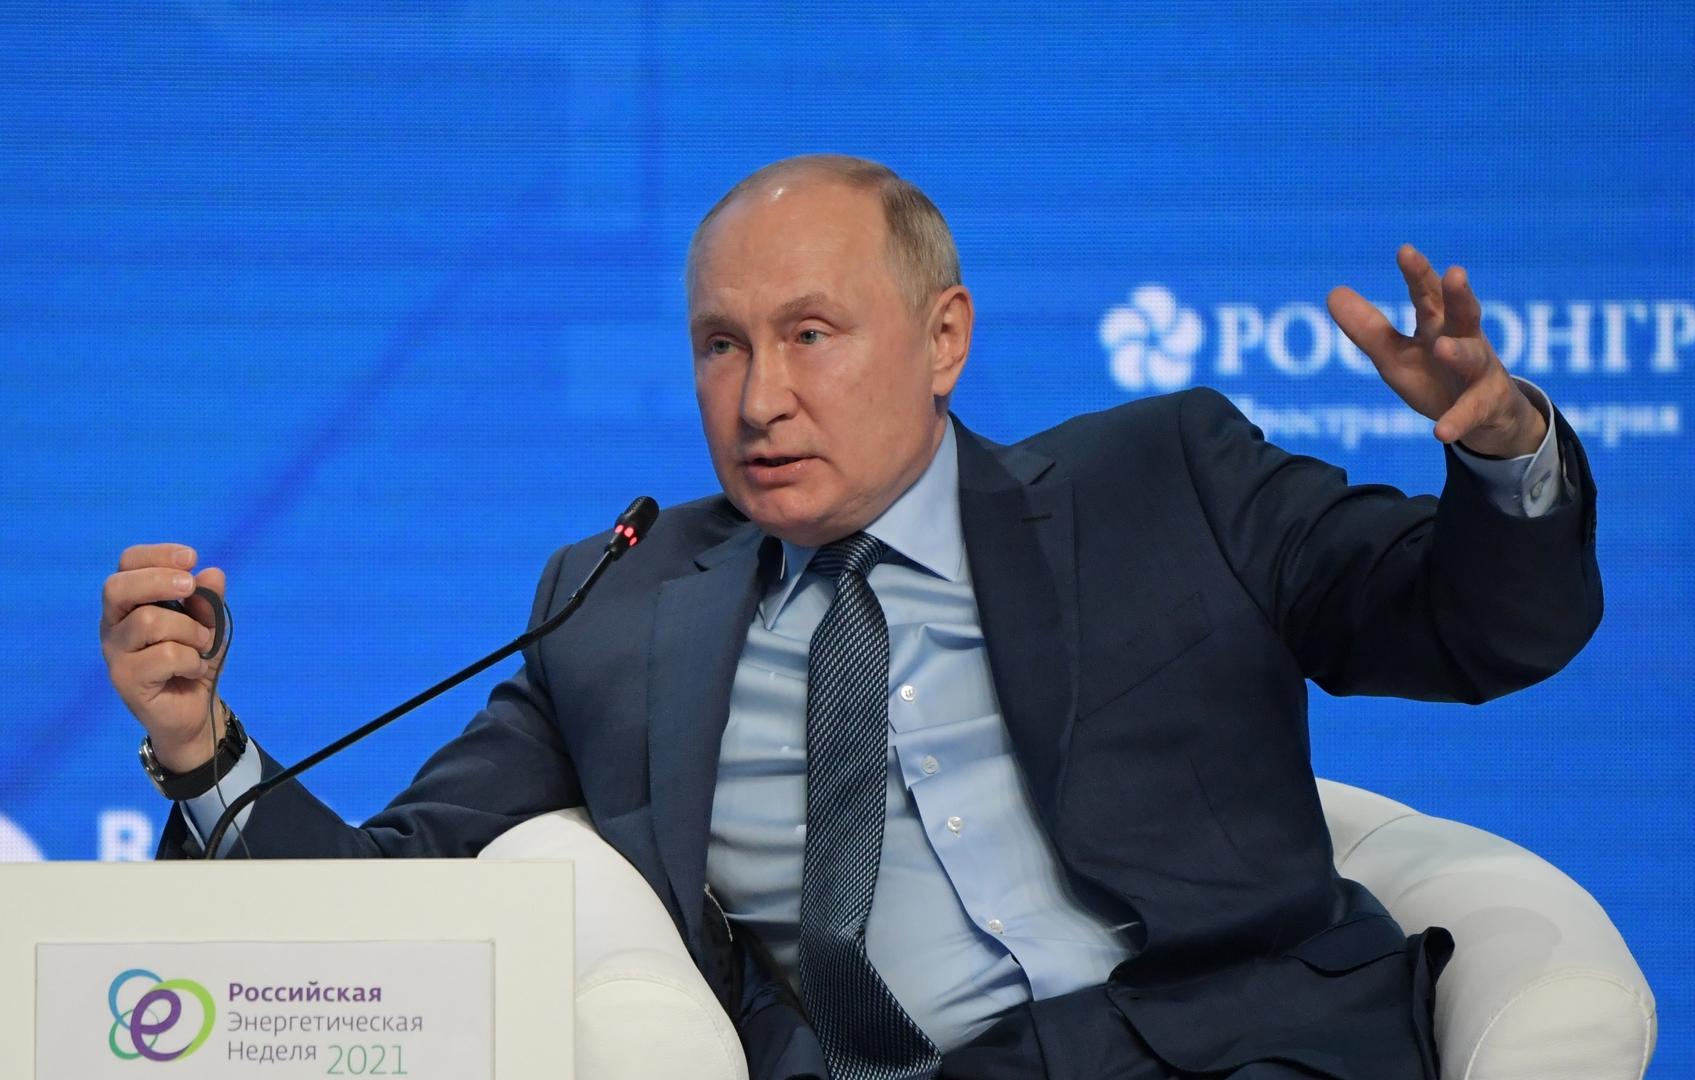 بوتين: قوة الصين الاقتصادية تغنيهاعن استخدام السلاح لتحقيق أهدافها